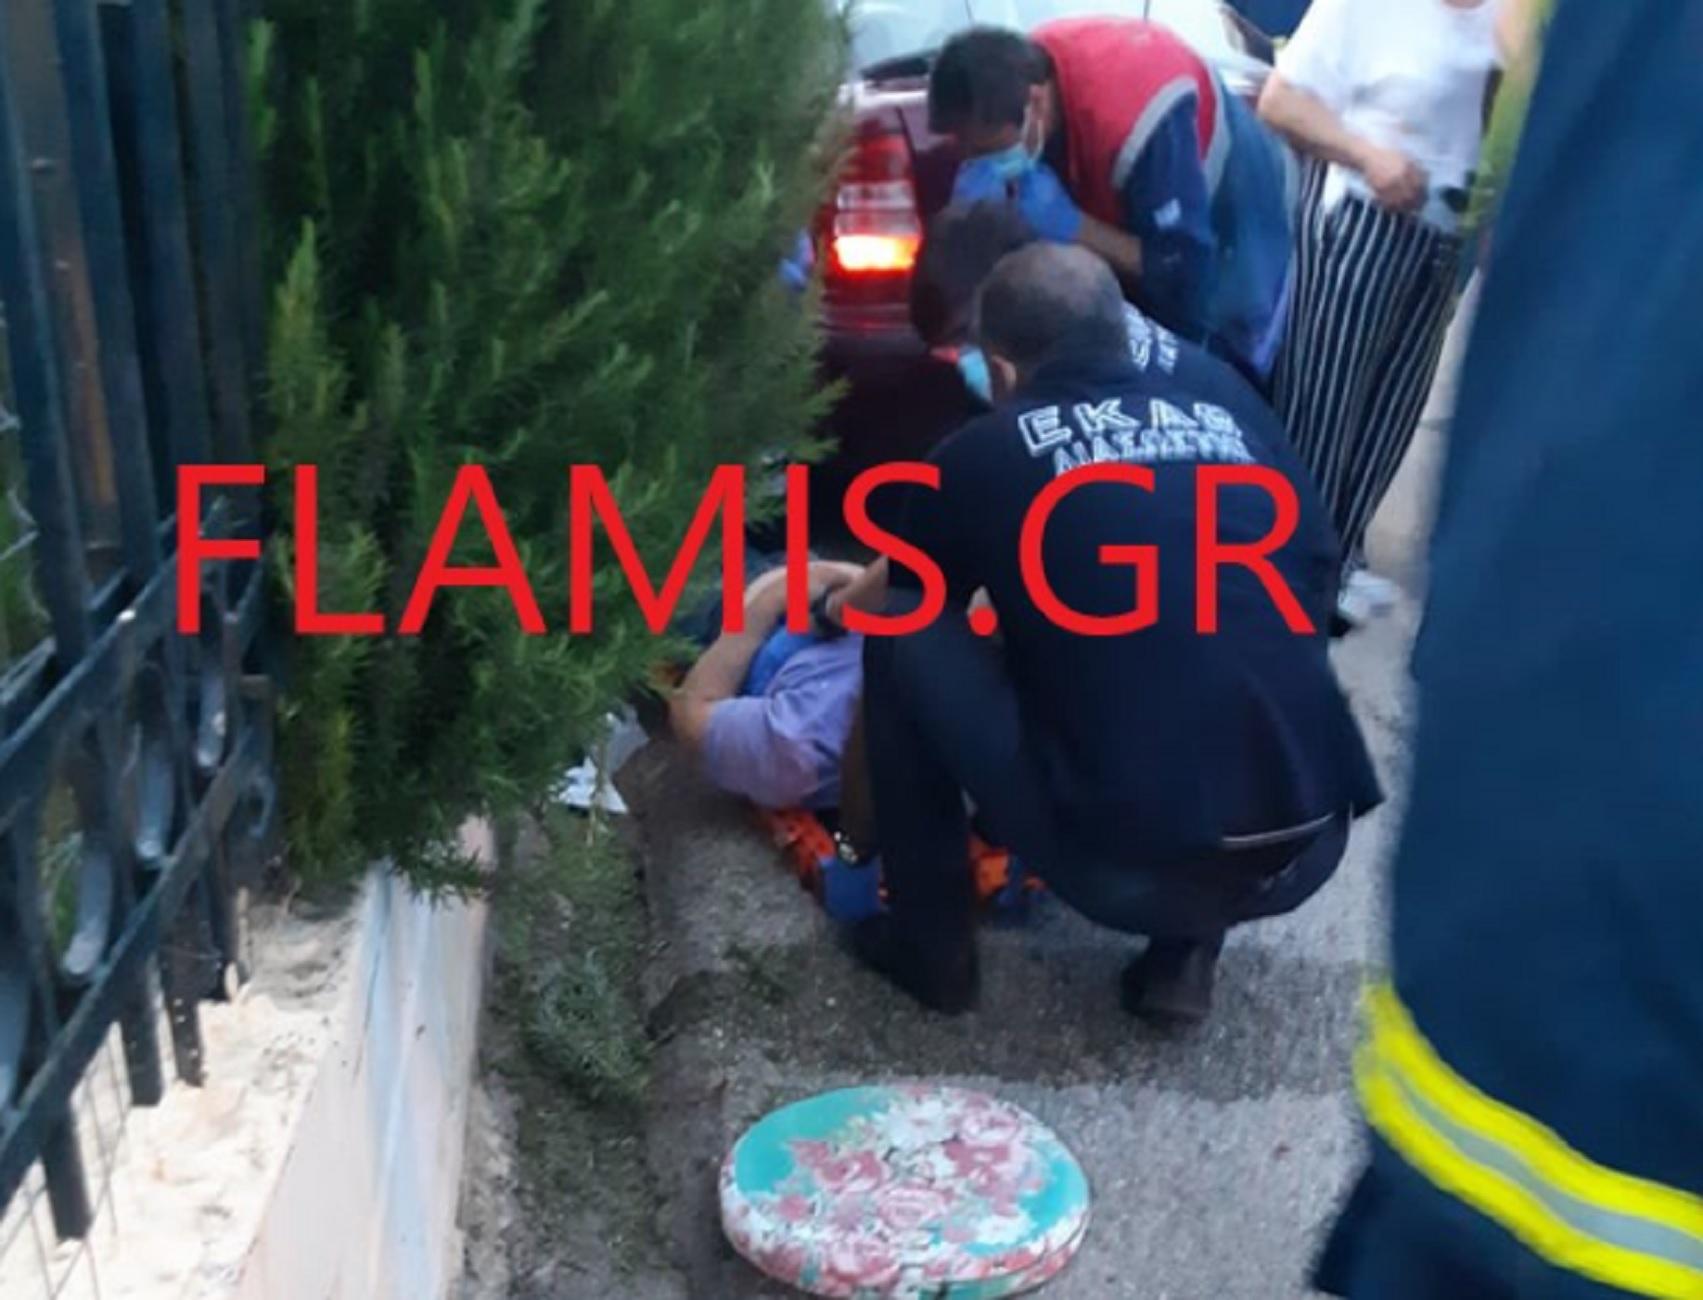 Πάτρα: Ληστεία και σοβαρότατος τραυματισμός ταξιτζή στο τέλος της κούρσας – Τα λόγια των πελατών (pics)